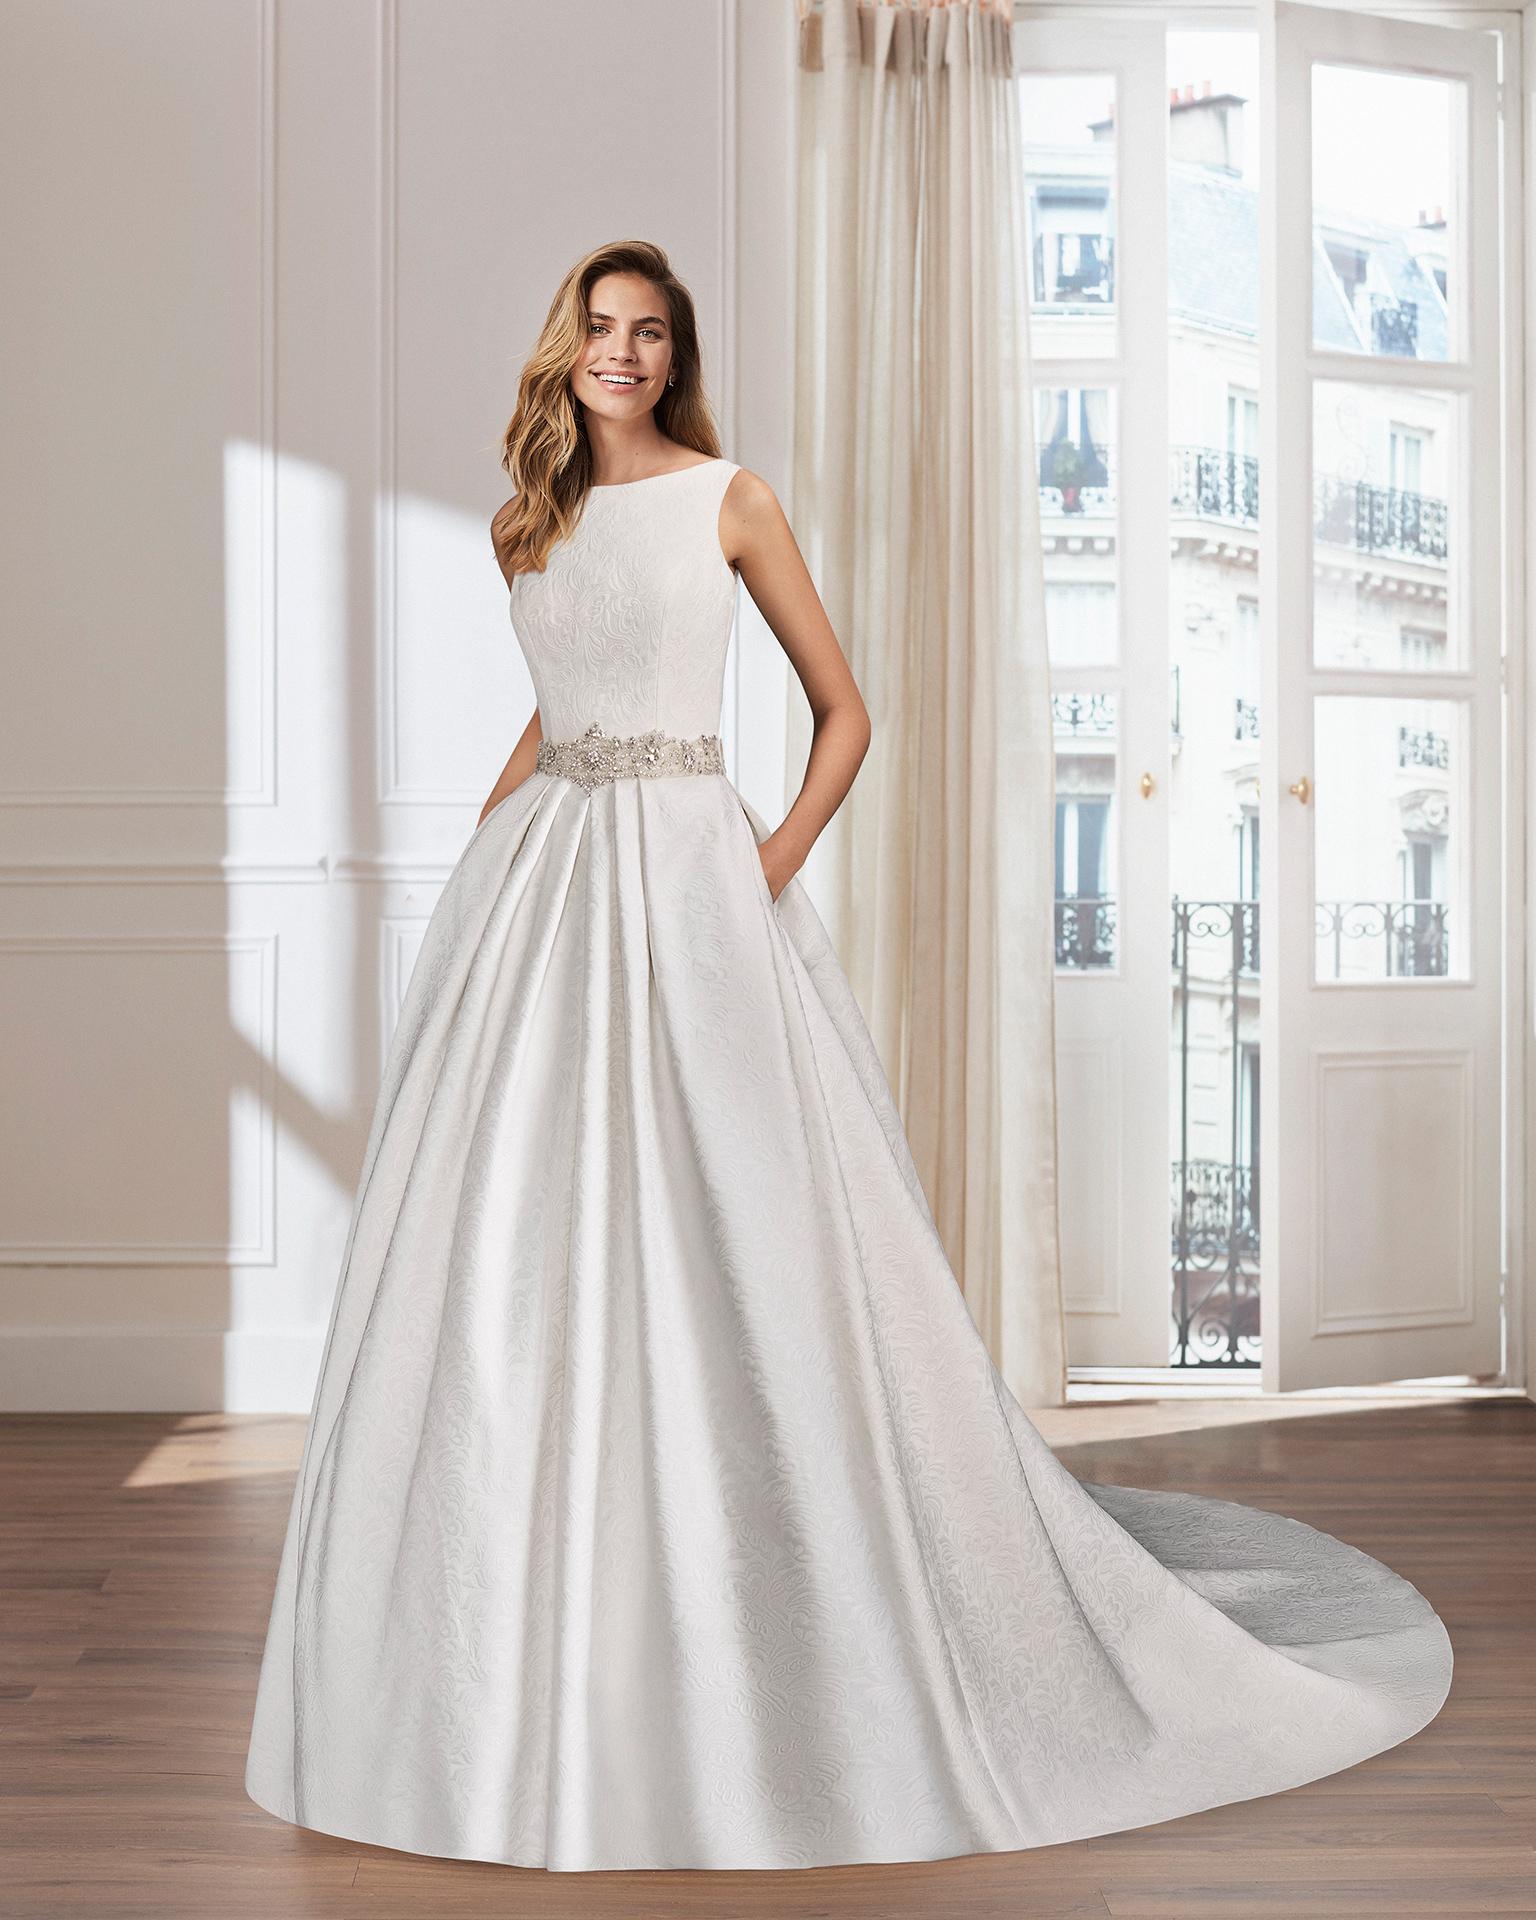 Vestido de novia estilo clásico en brocado y pedreria. Escote barco con espalda y apliques de pedreria con bolsillos.